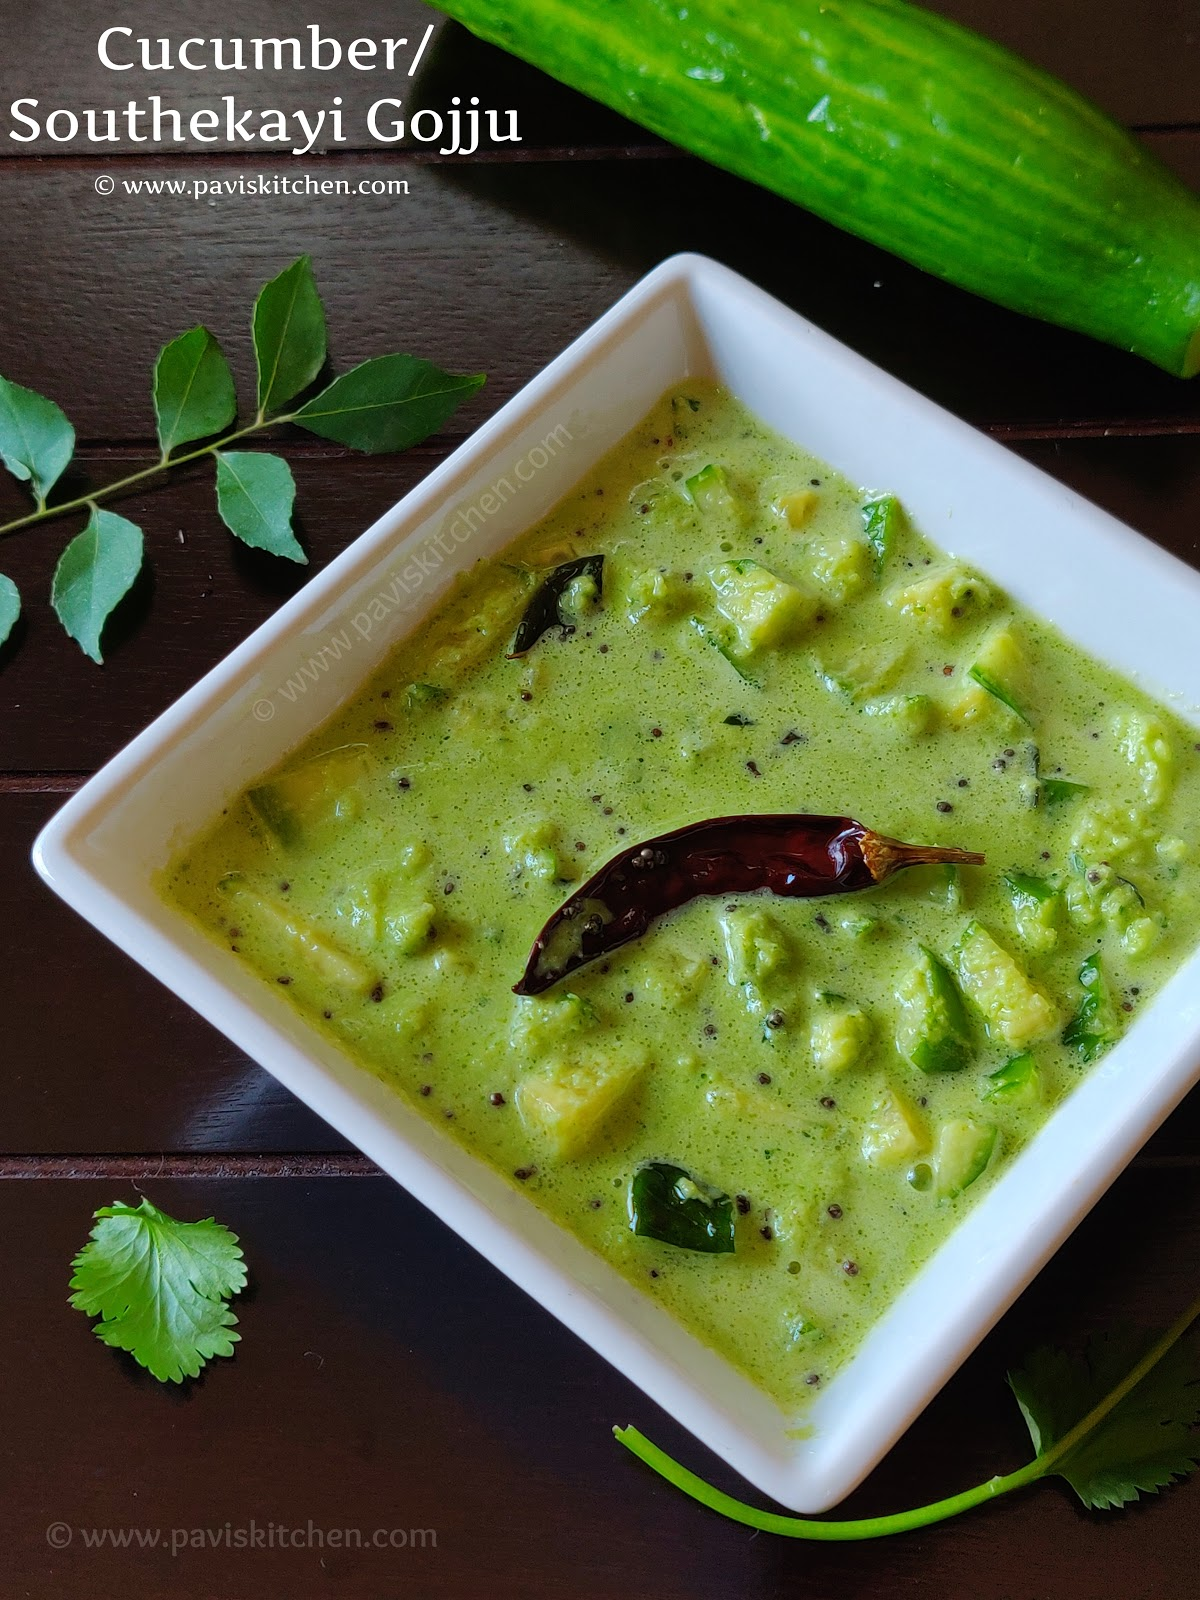 Southekai hasi gojju | Cucumber hasi gojju | Cucumber Coconut Curry Recipe